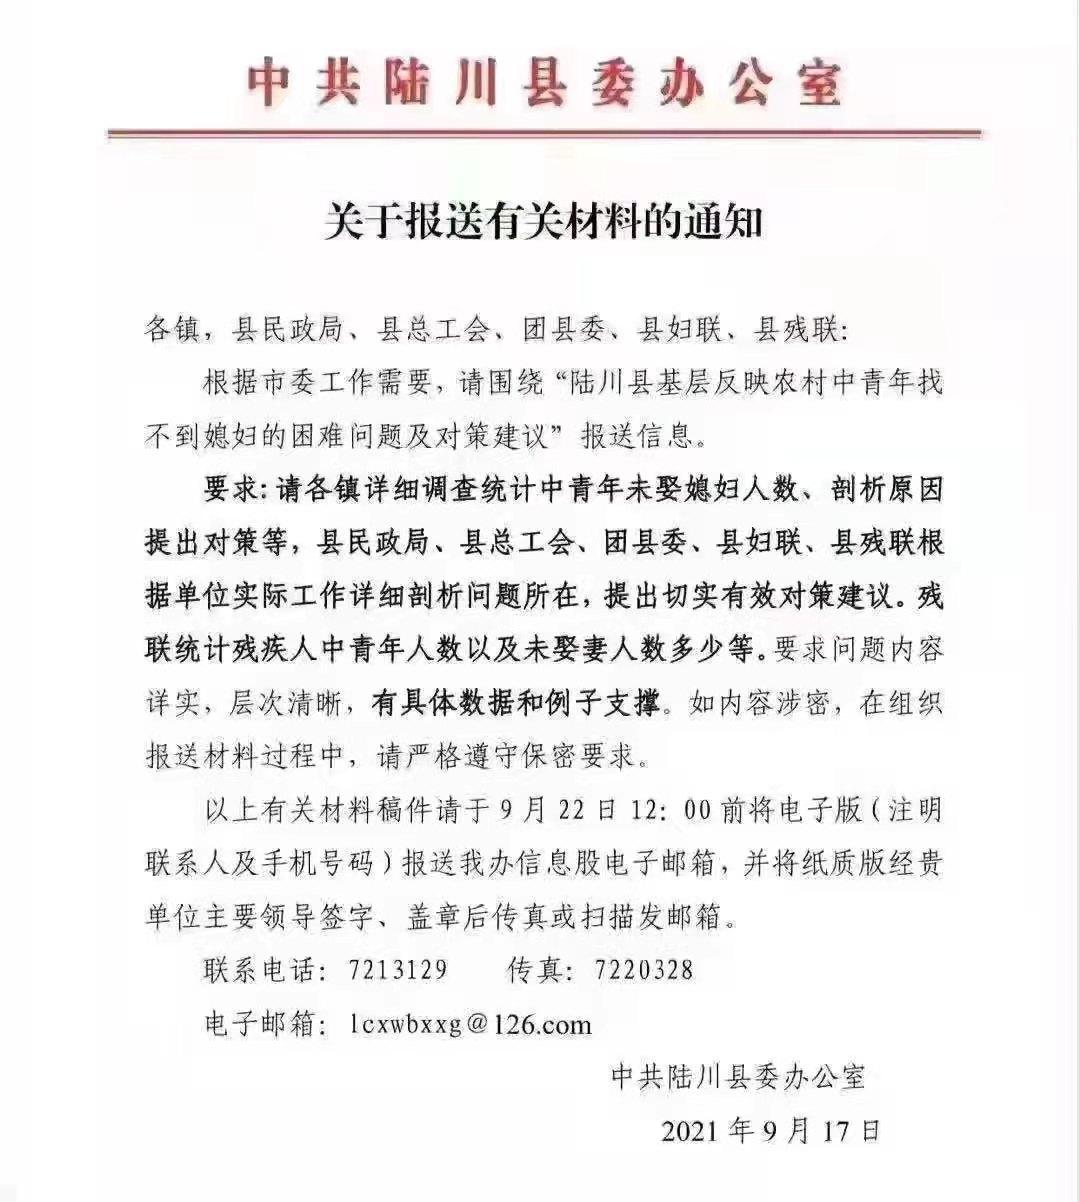 陆川县要求各镇以及县民政局等单位统计中青年未娶媳妇人数,并剖析原因,提出对策。(网络)